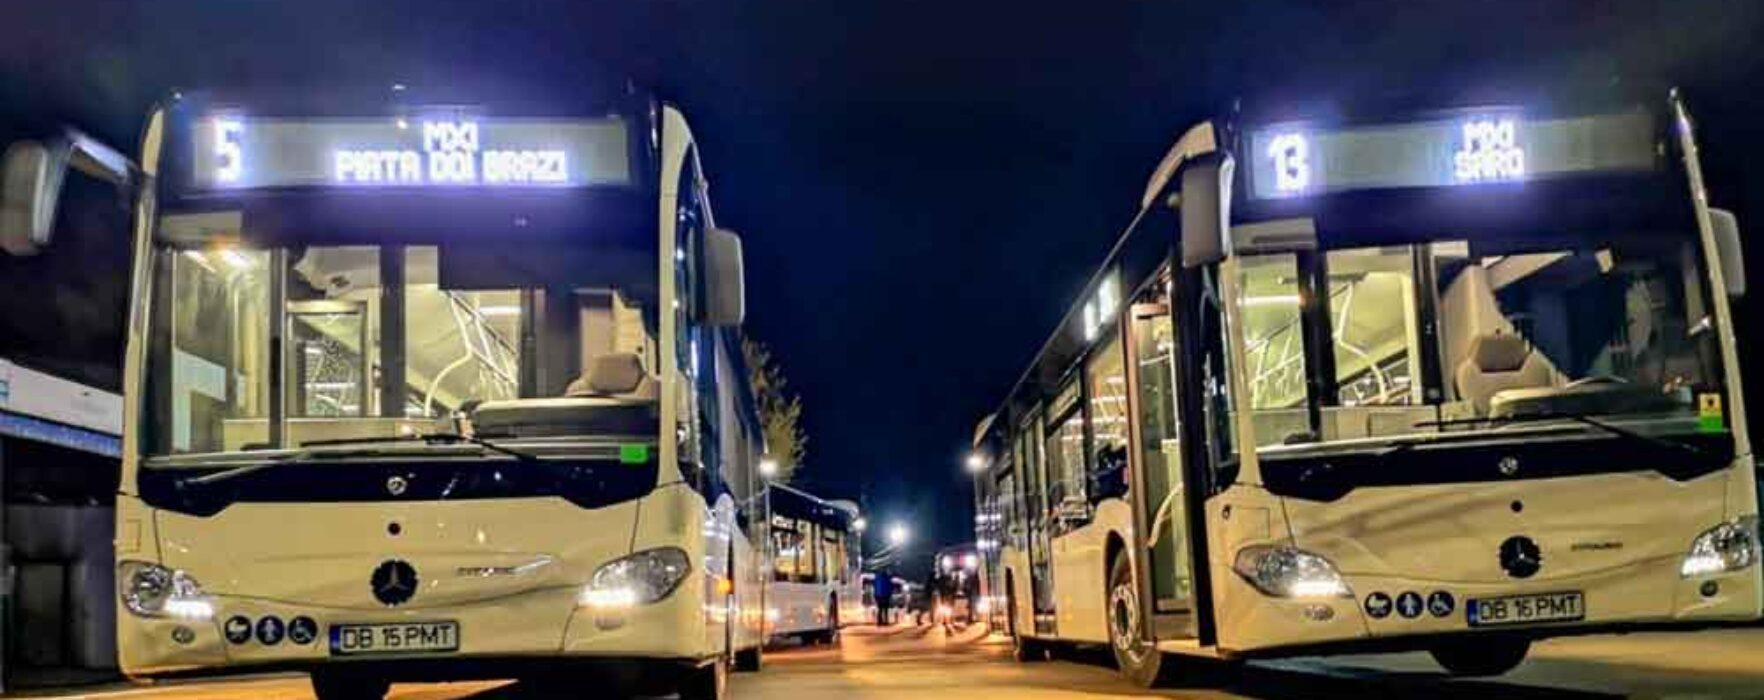 Târgovişte: Autobuzele noi Mercedes-Benz Citaro Hybrid au intrat în circulaţie